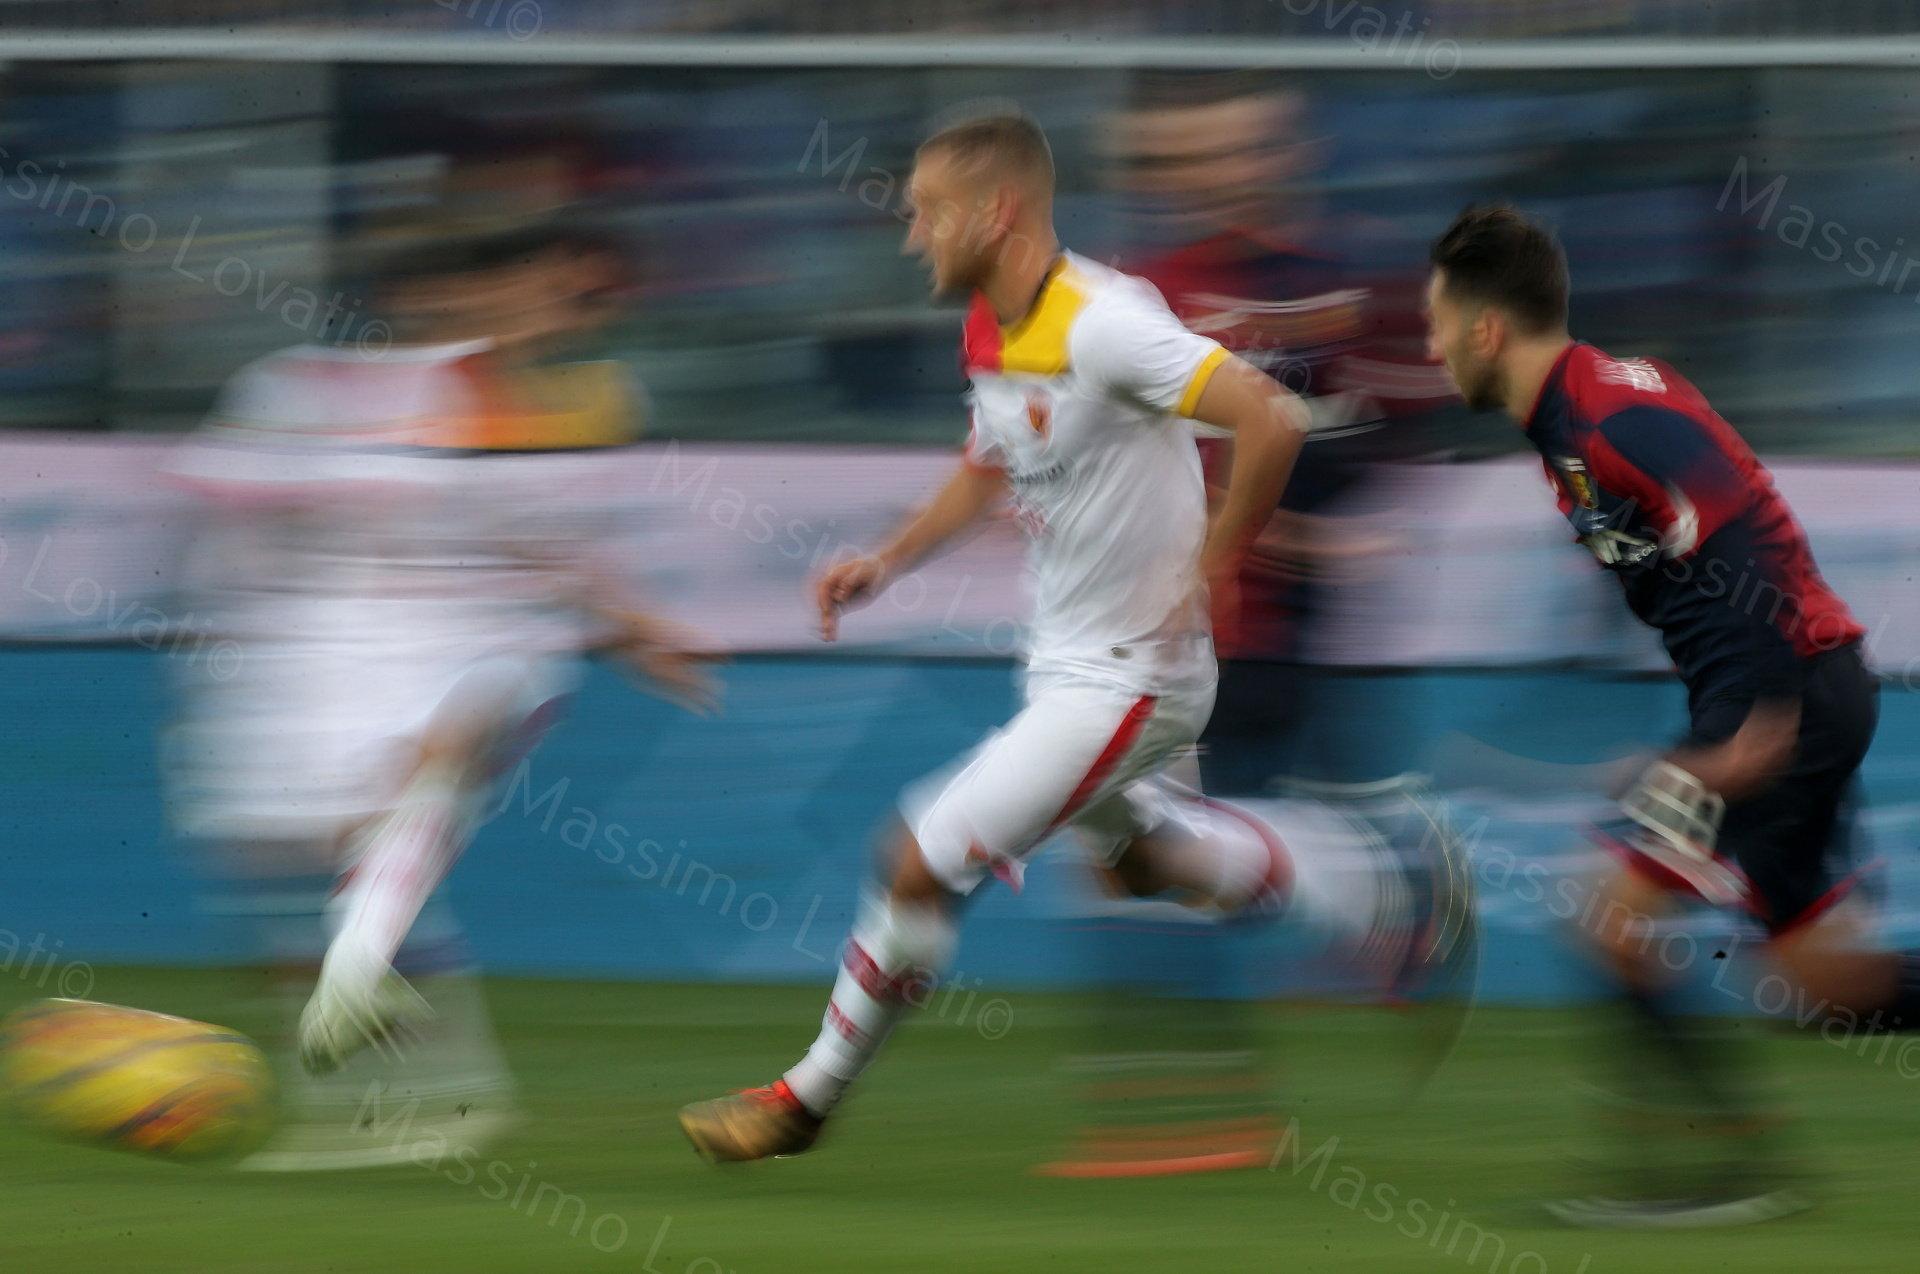 23/12/2017, Genova , Campionato di Calcio Serie A, Genoa- Benevento, nella foto azione di gioco